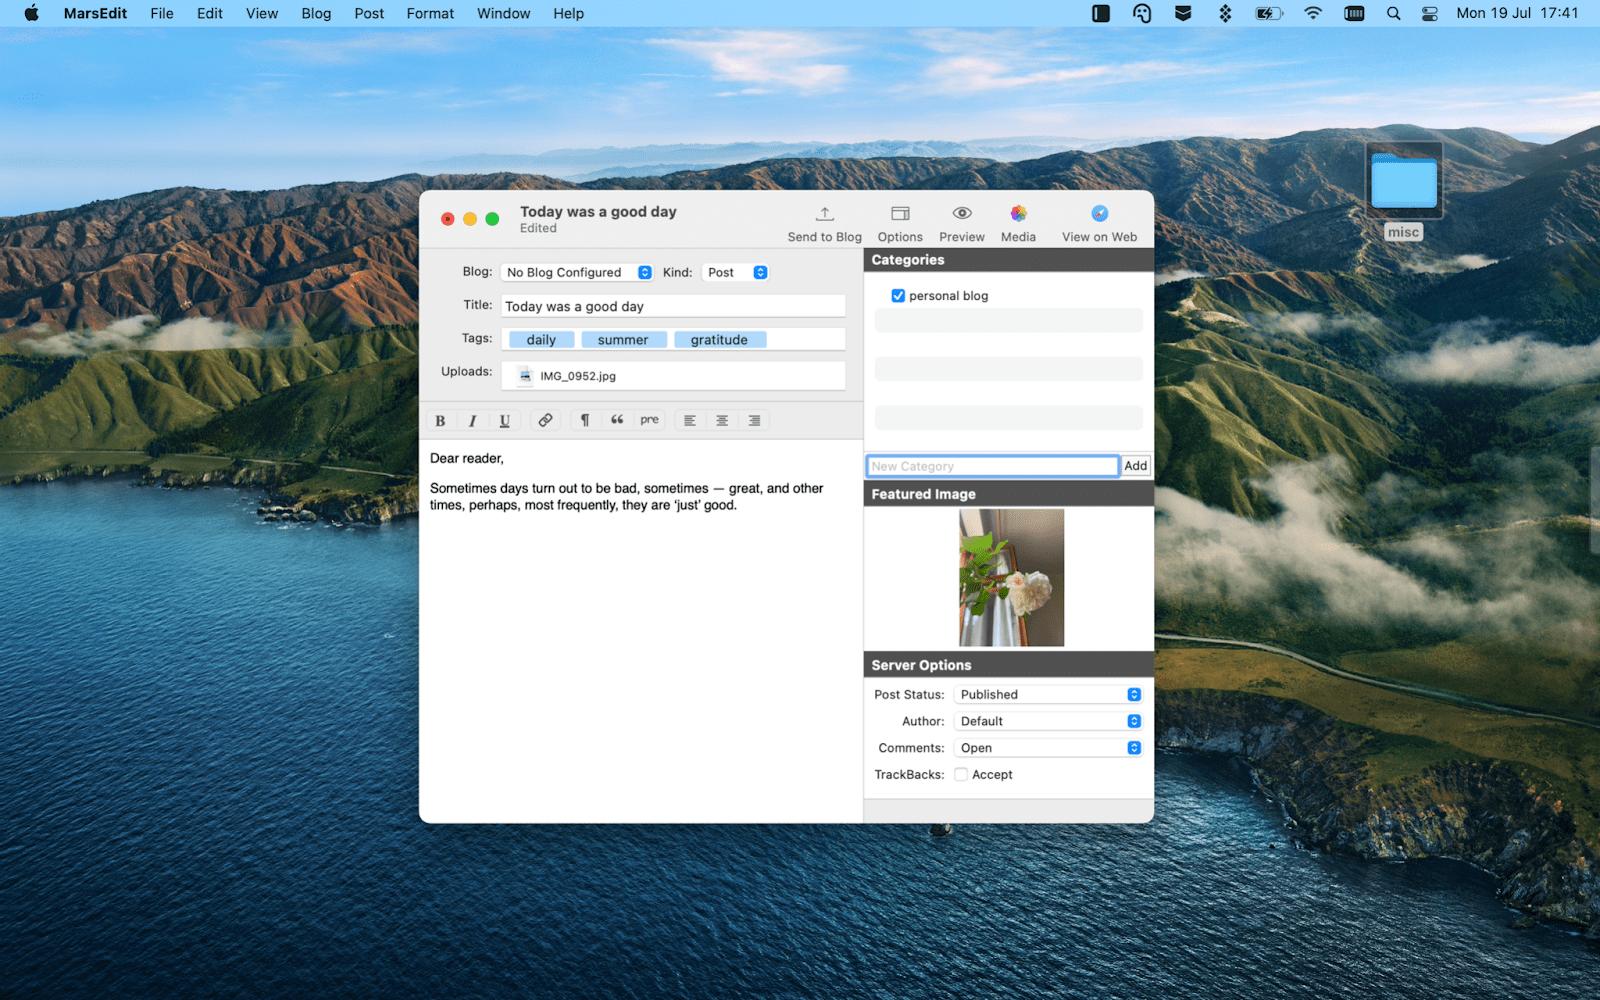 Mars edit mac note-taking app